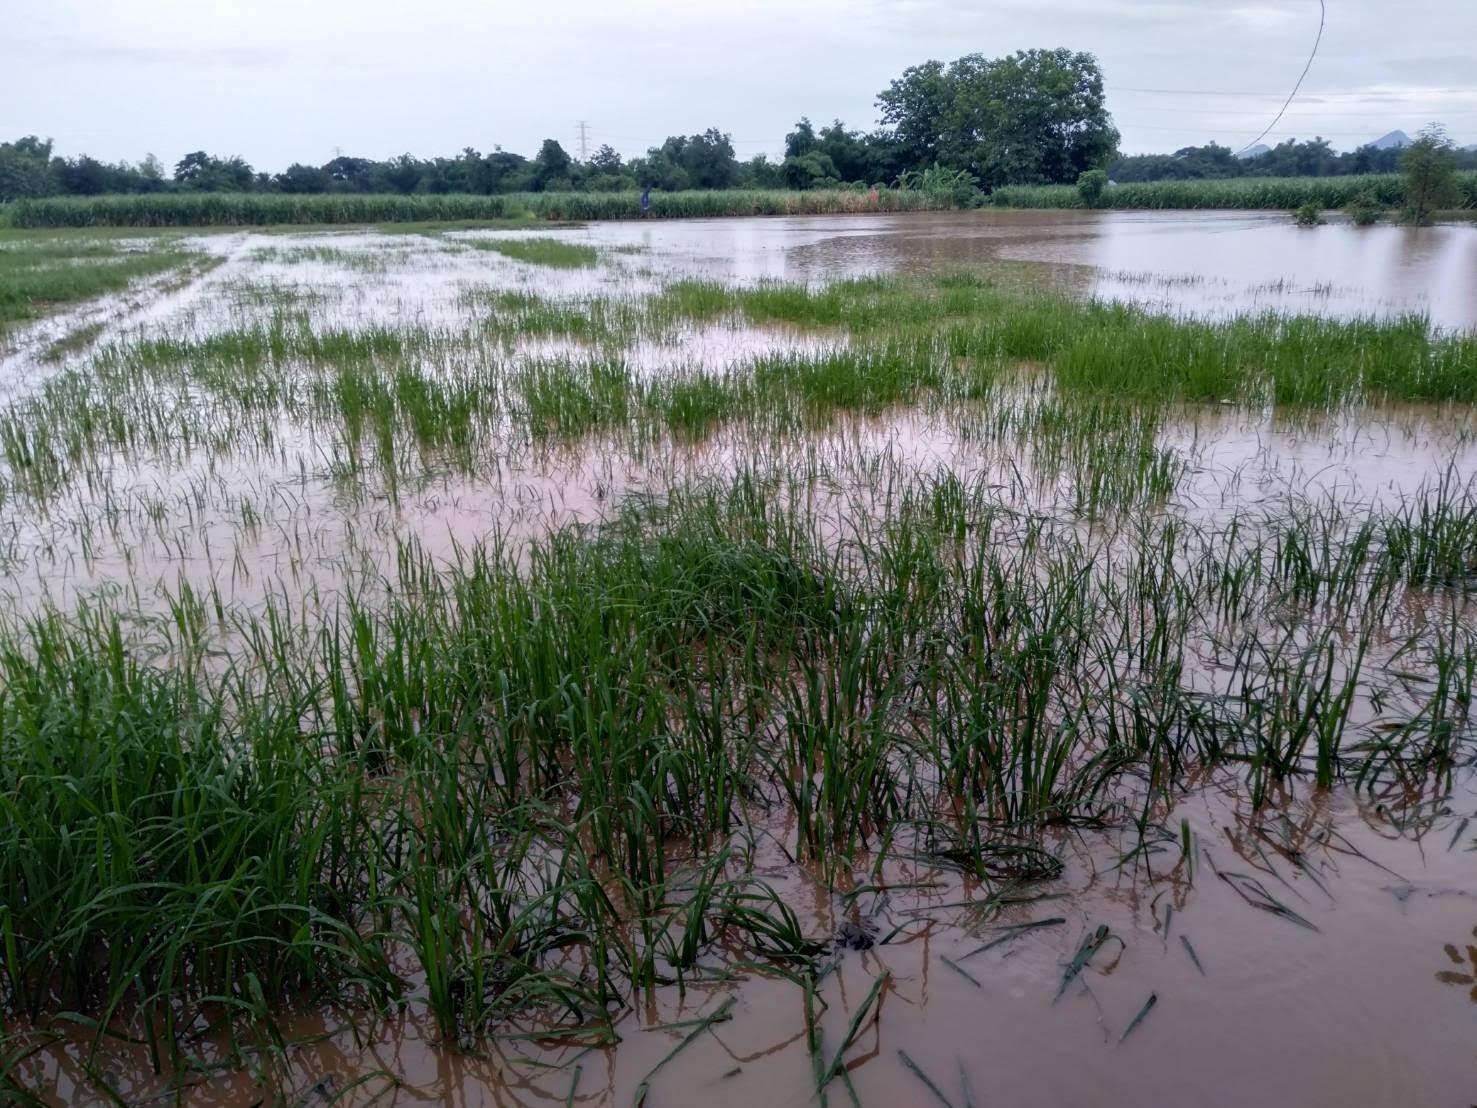 'พายุซินลากู' สร้างความเสียหายพื้นที่เกษตร 10 จังหวัด หลังพัดนาข้าวเสียหาย 1.8 หมื่นไร่